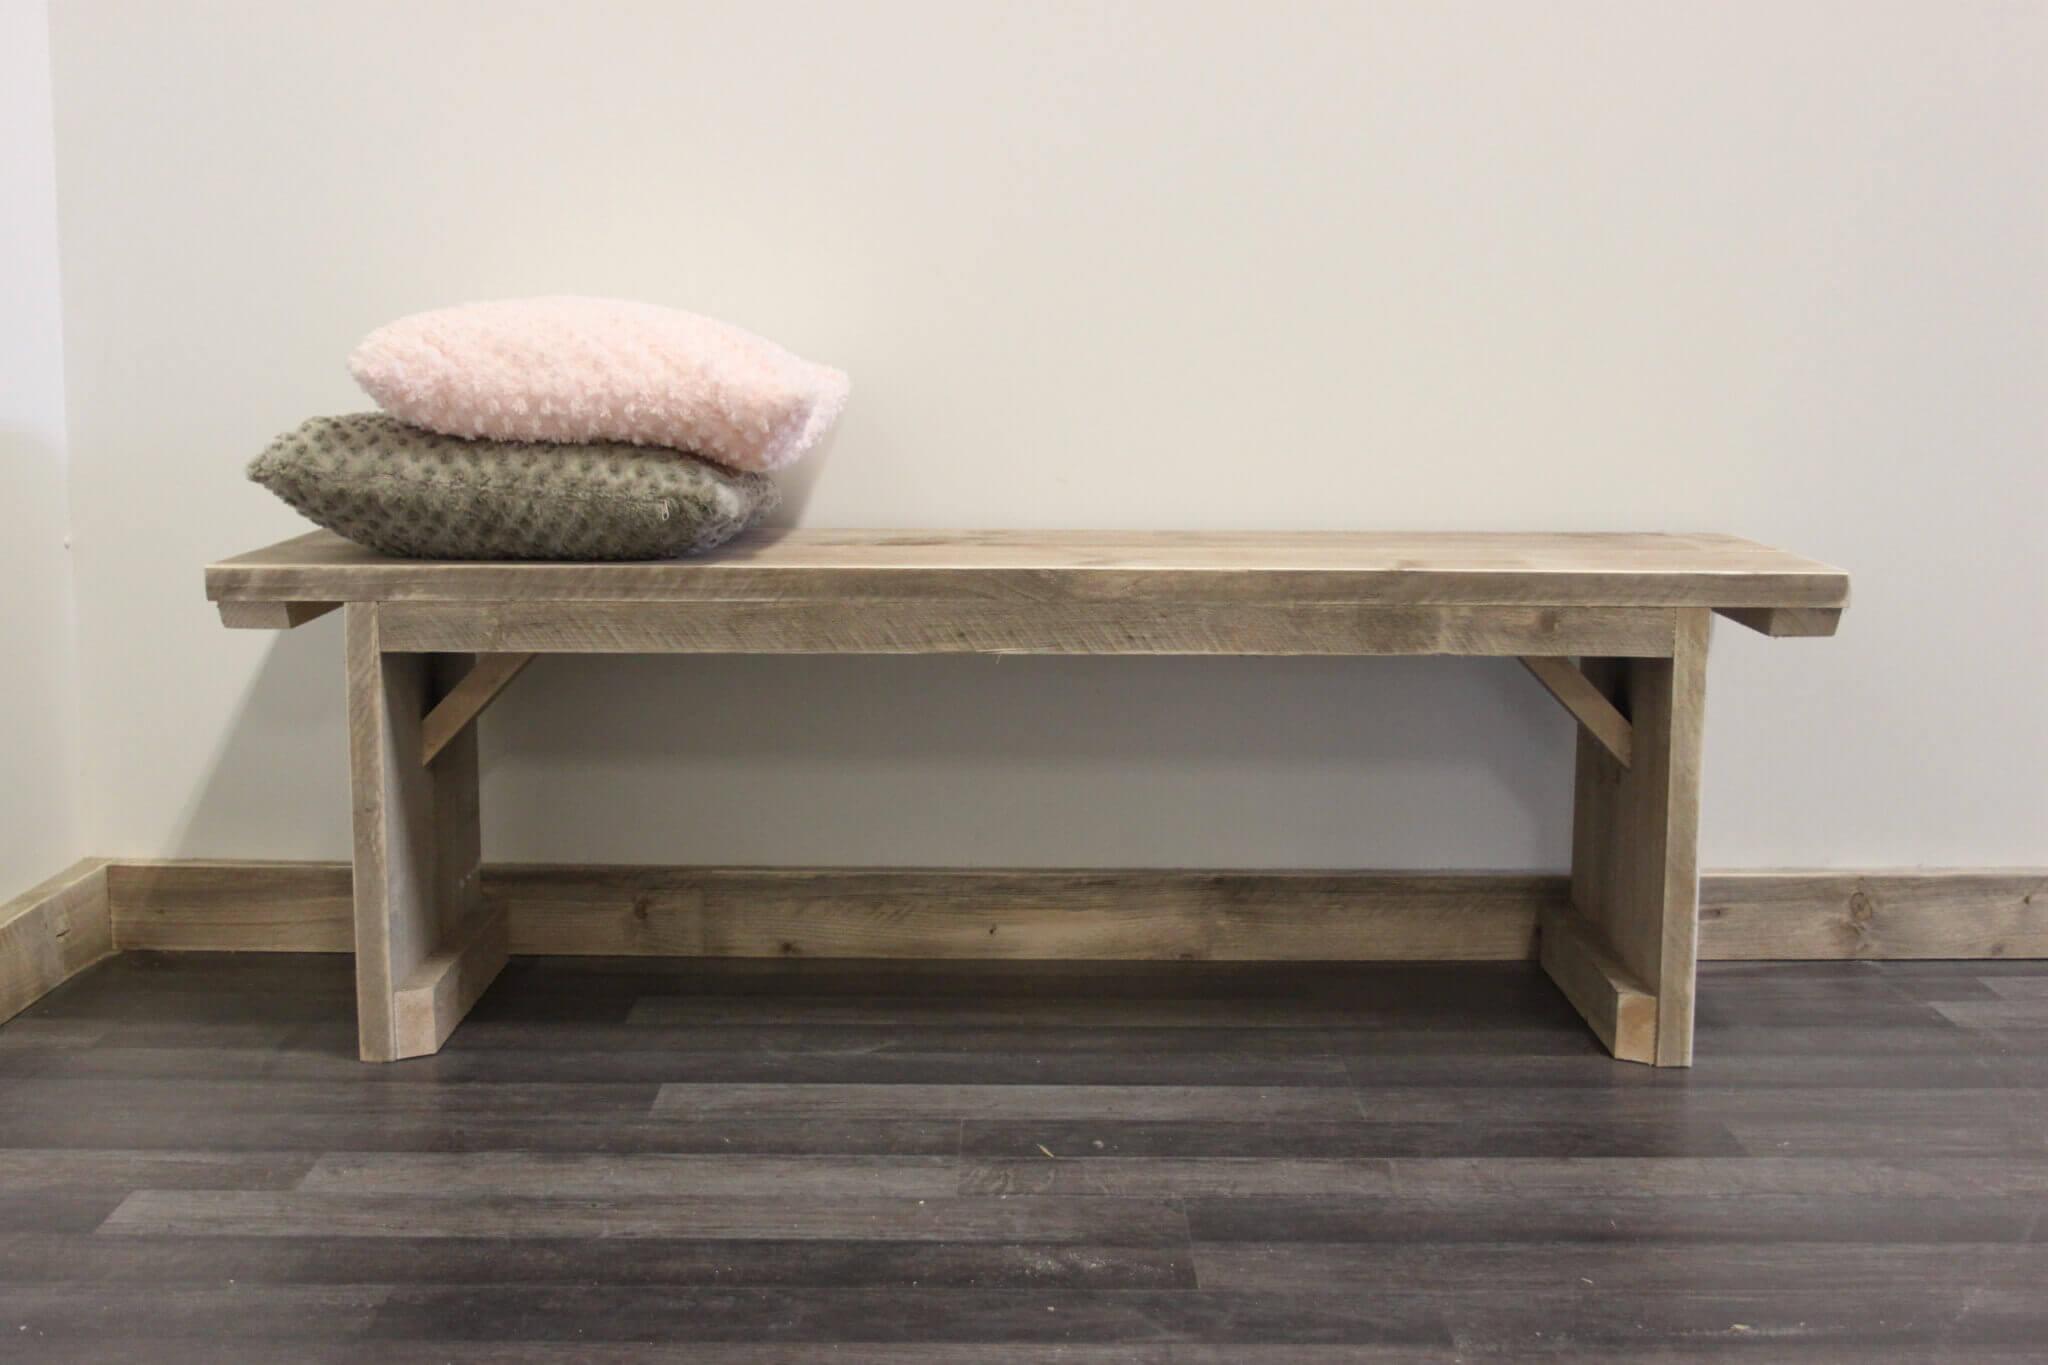 Bankje Slaapkamer : houten bankje slaapkamer : Steigerhouten bankje ...